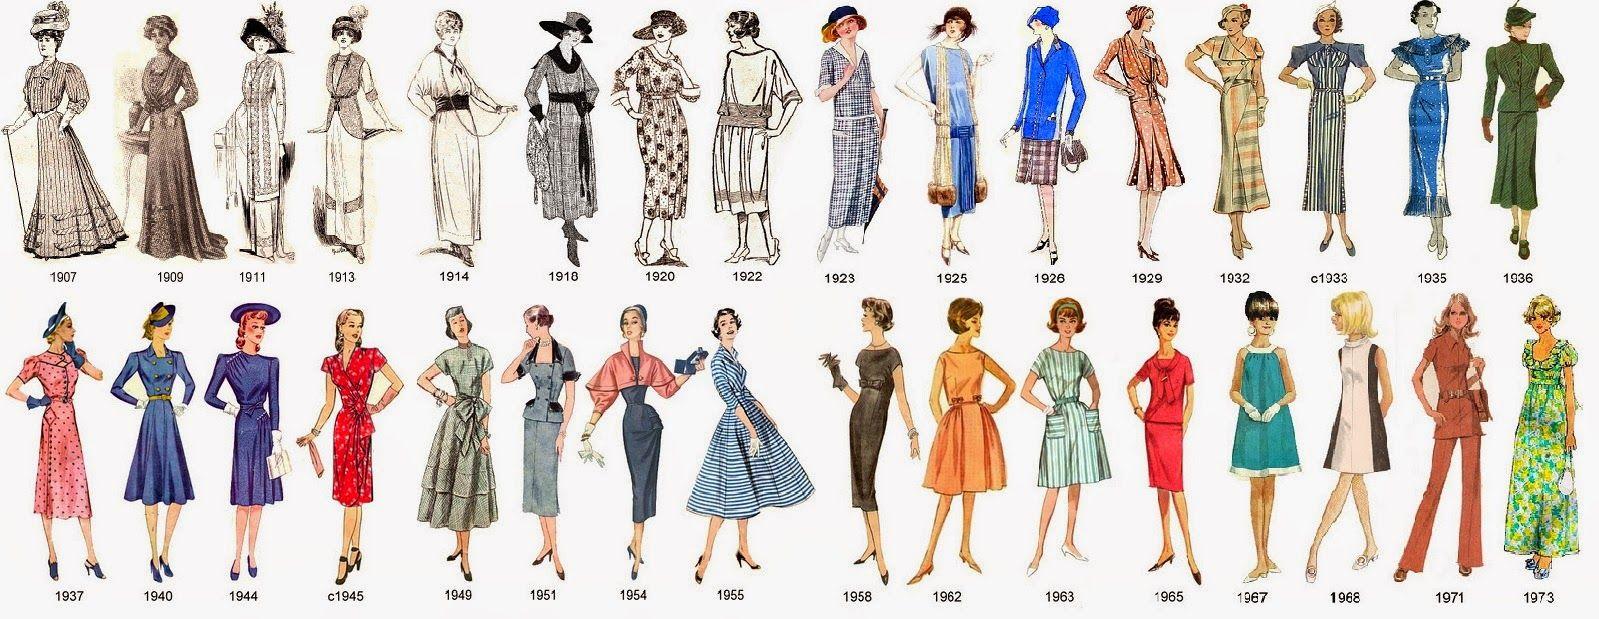 historia de la indumentaria resumida en figurines. siglo XX | Sewing ...